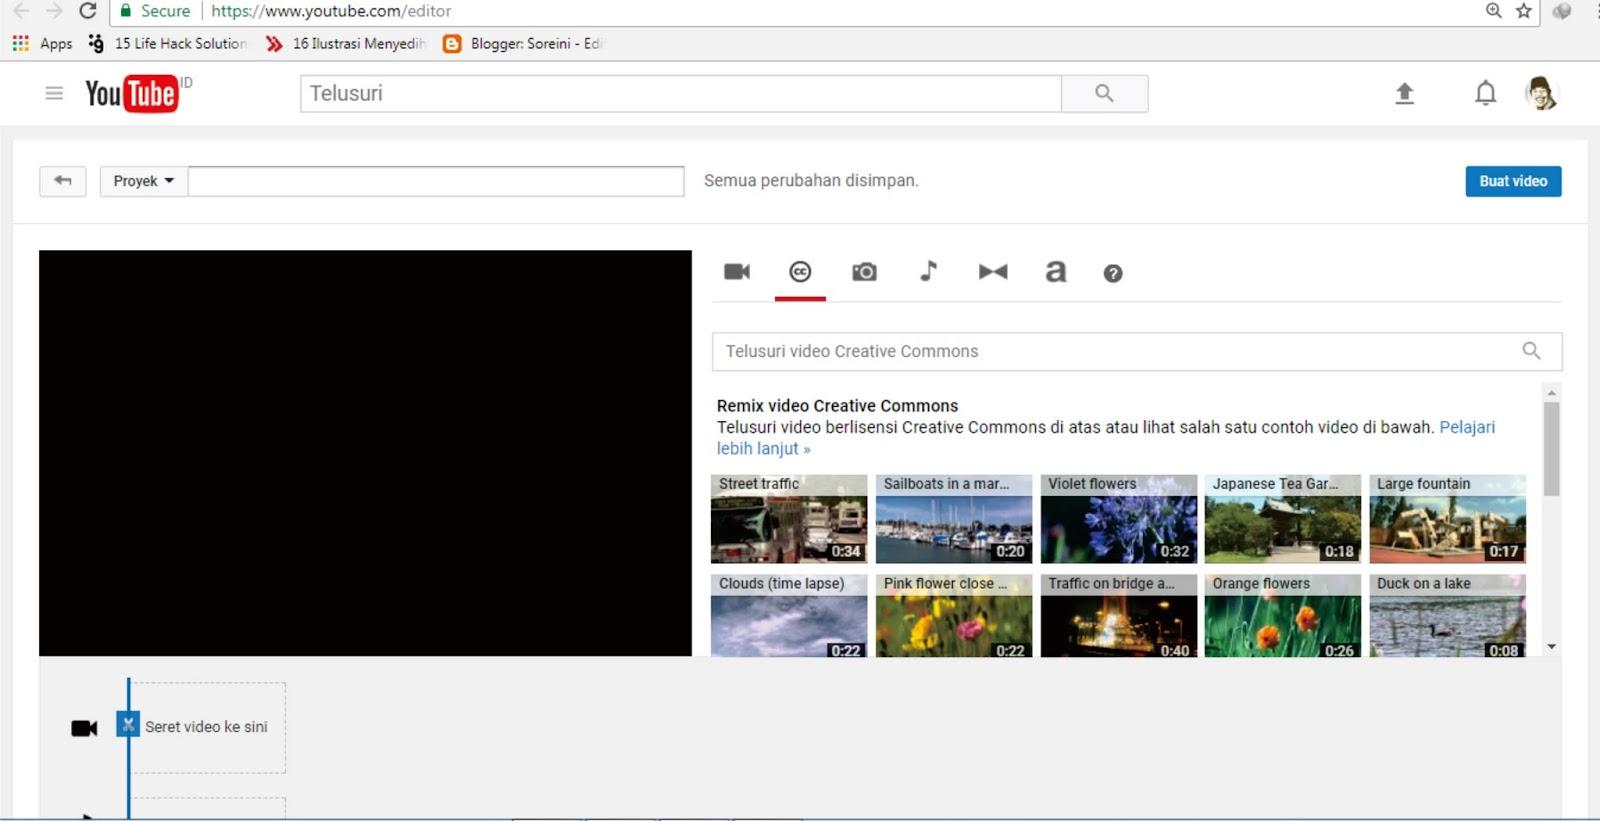 Cara Mendapatkan Penghasilan Dari Youtube Tanpa Upload